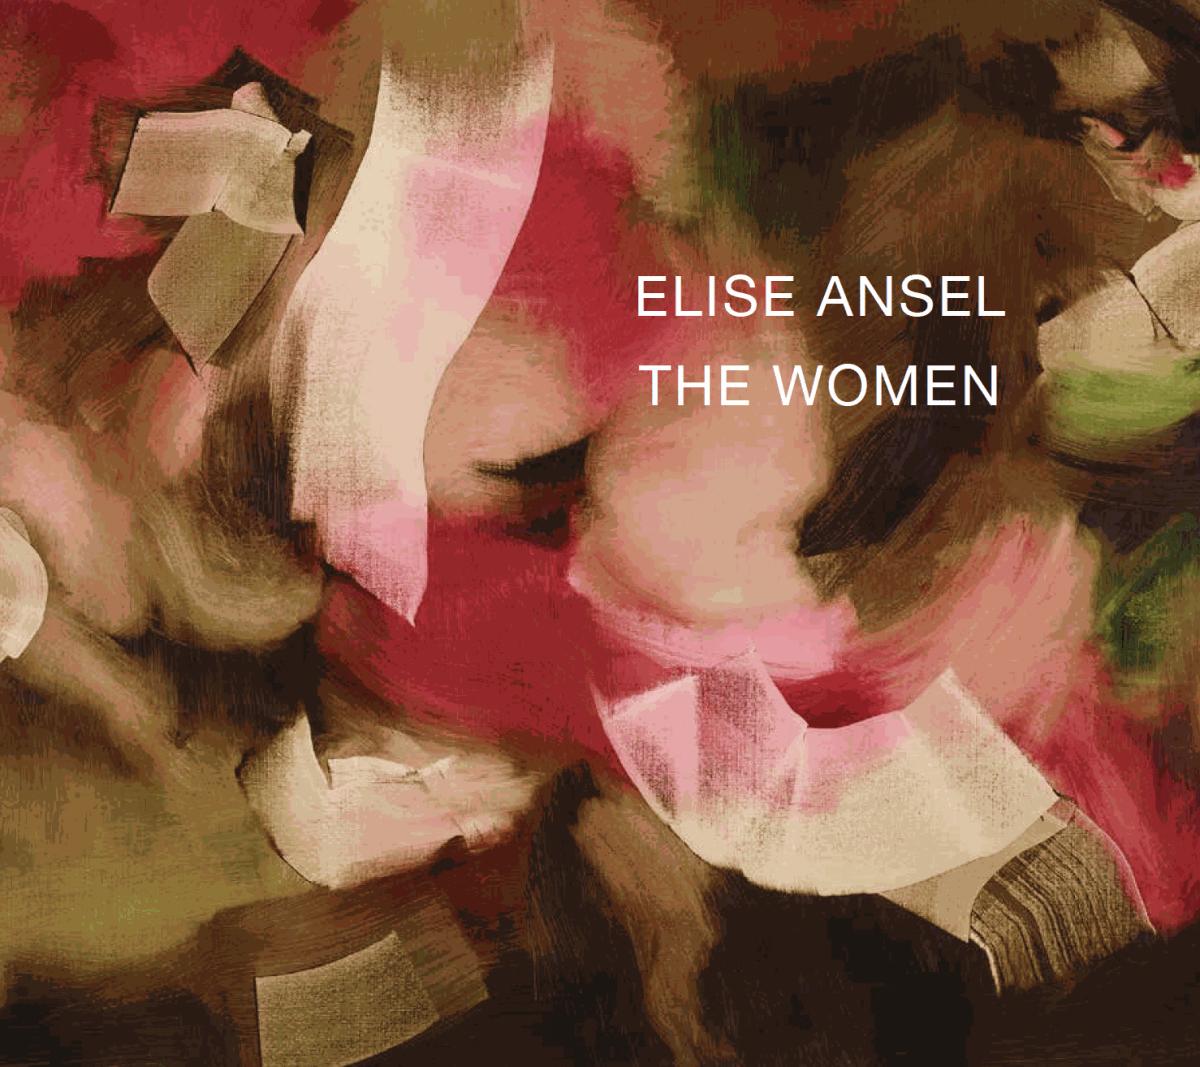 Elise Ansel